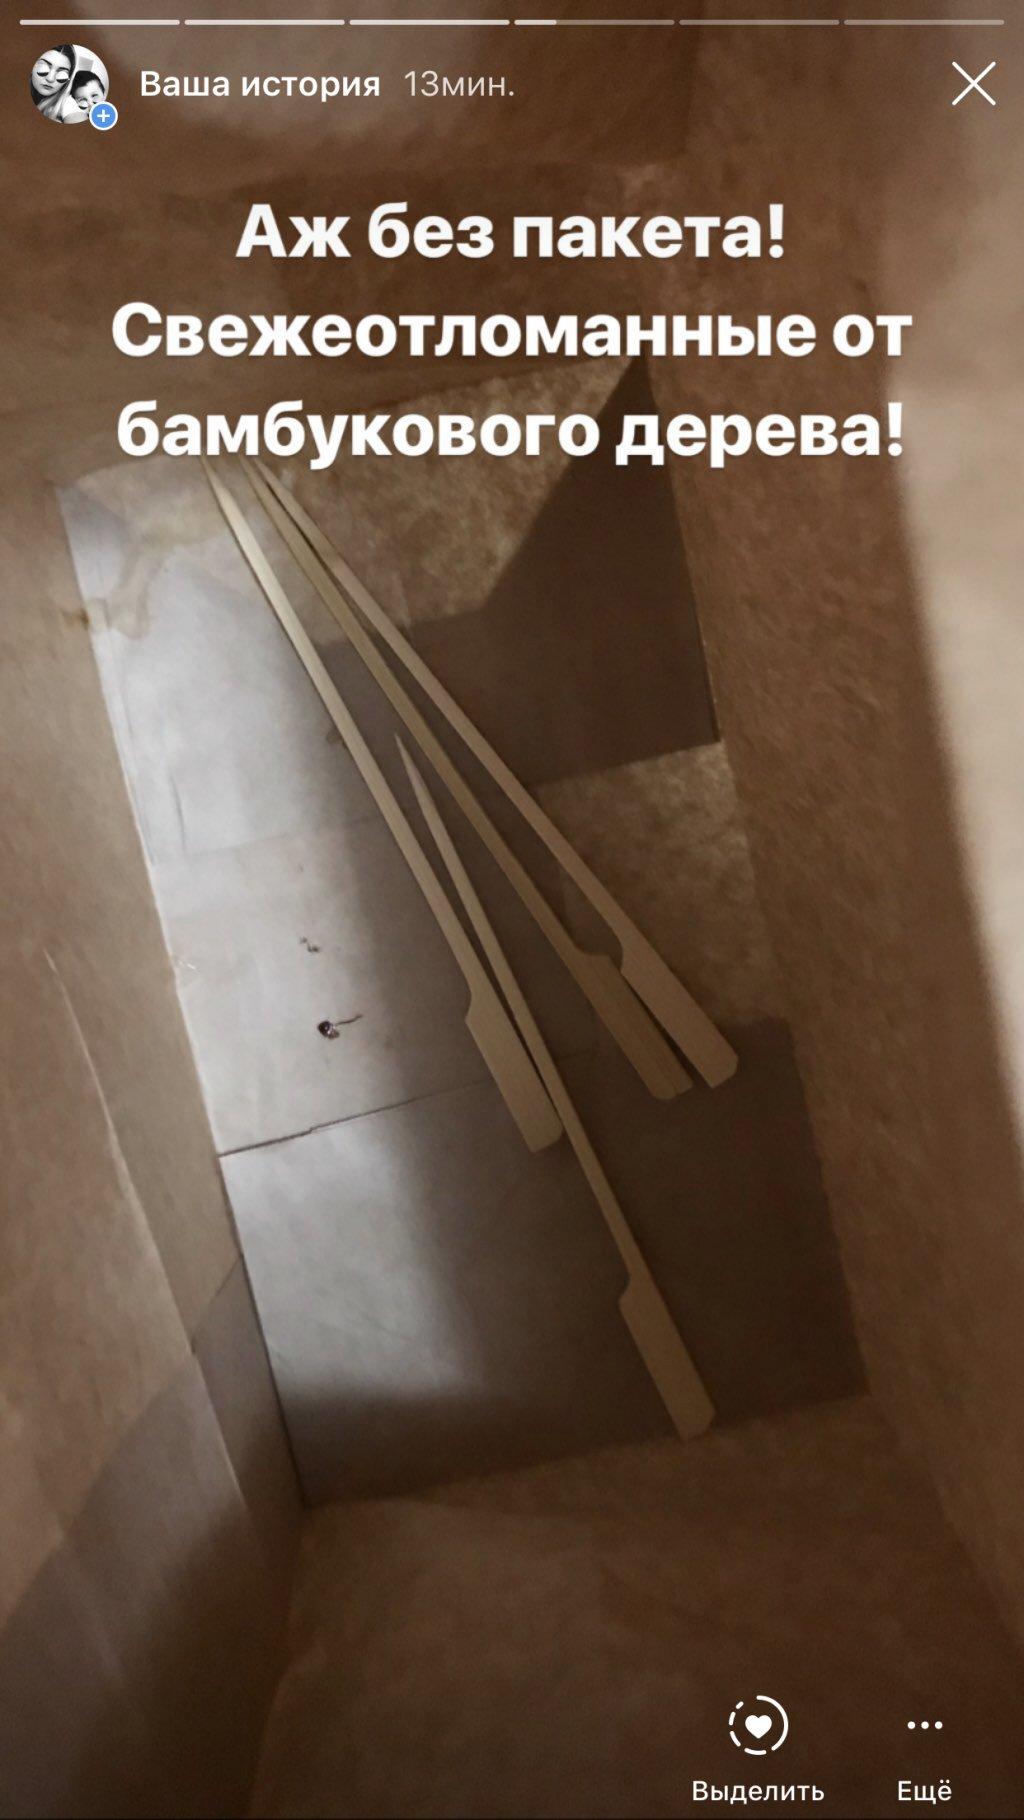 Суши 24 Одесса - Вобщем такая же история как у всех, про чеки и собачью еду...